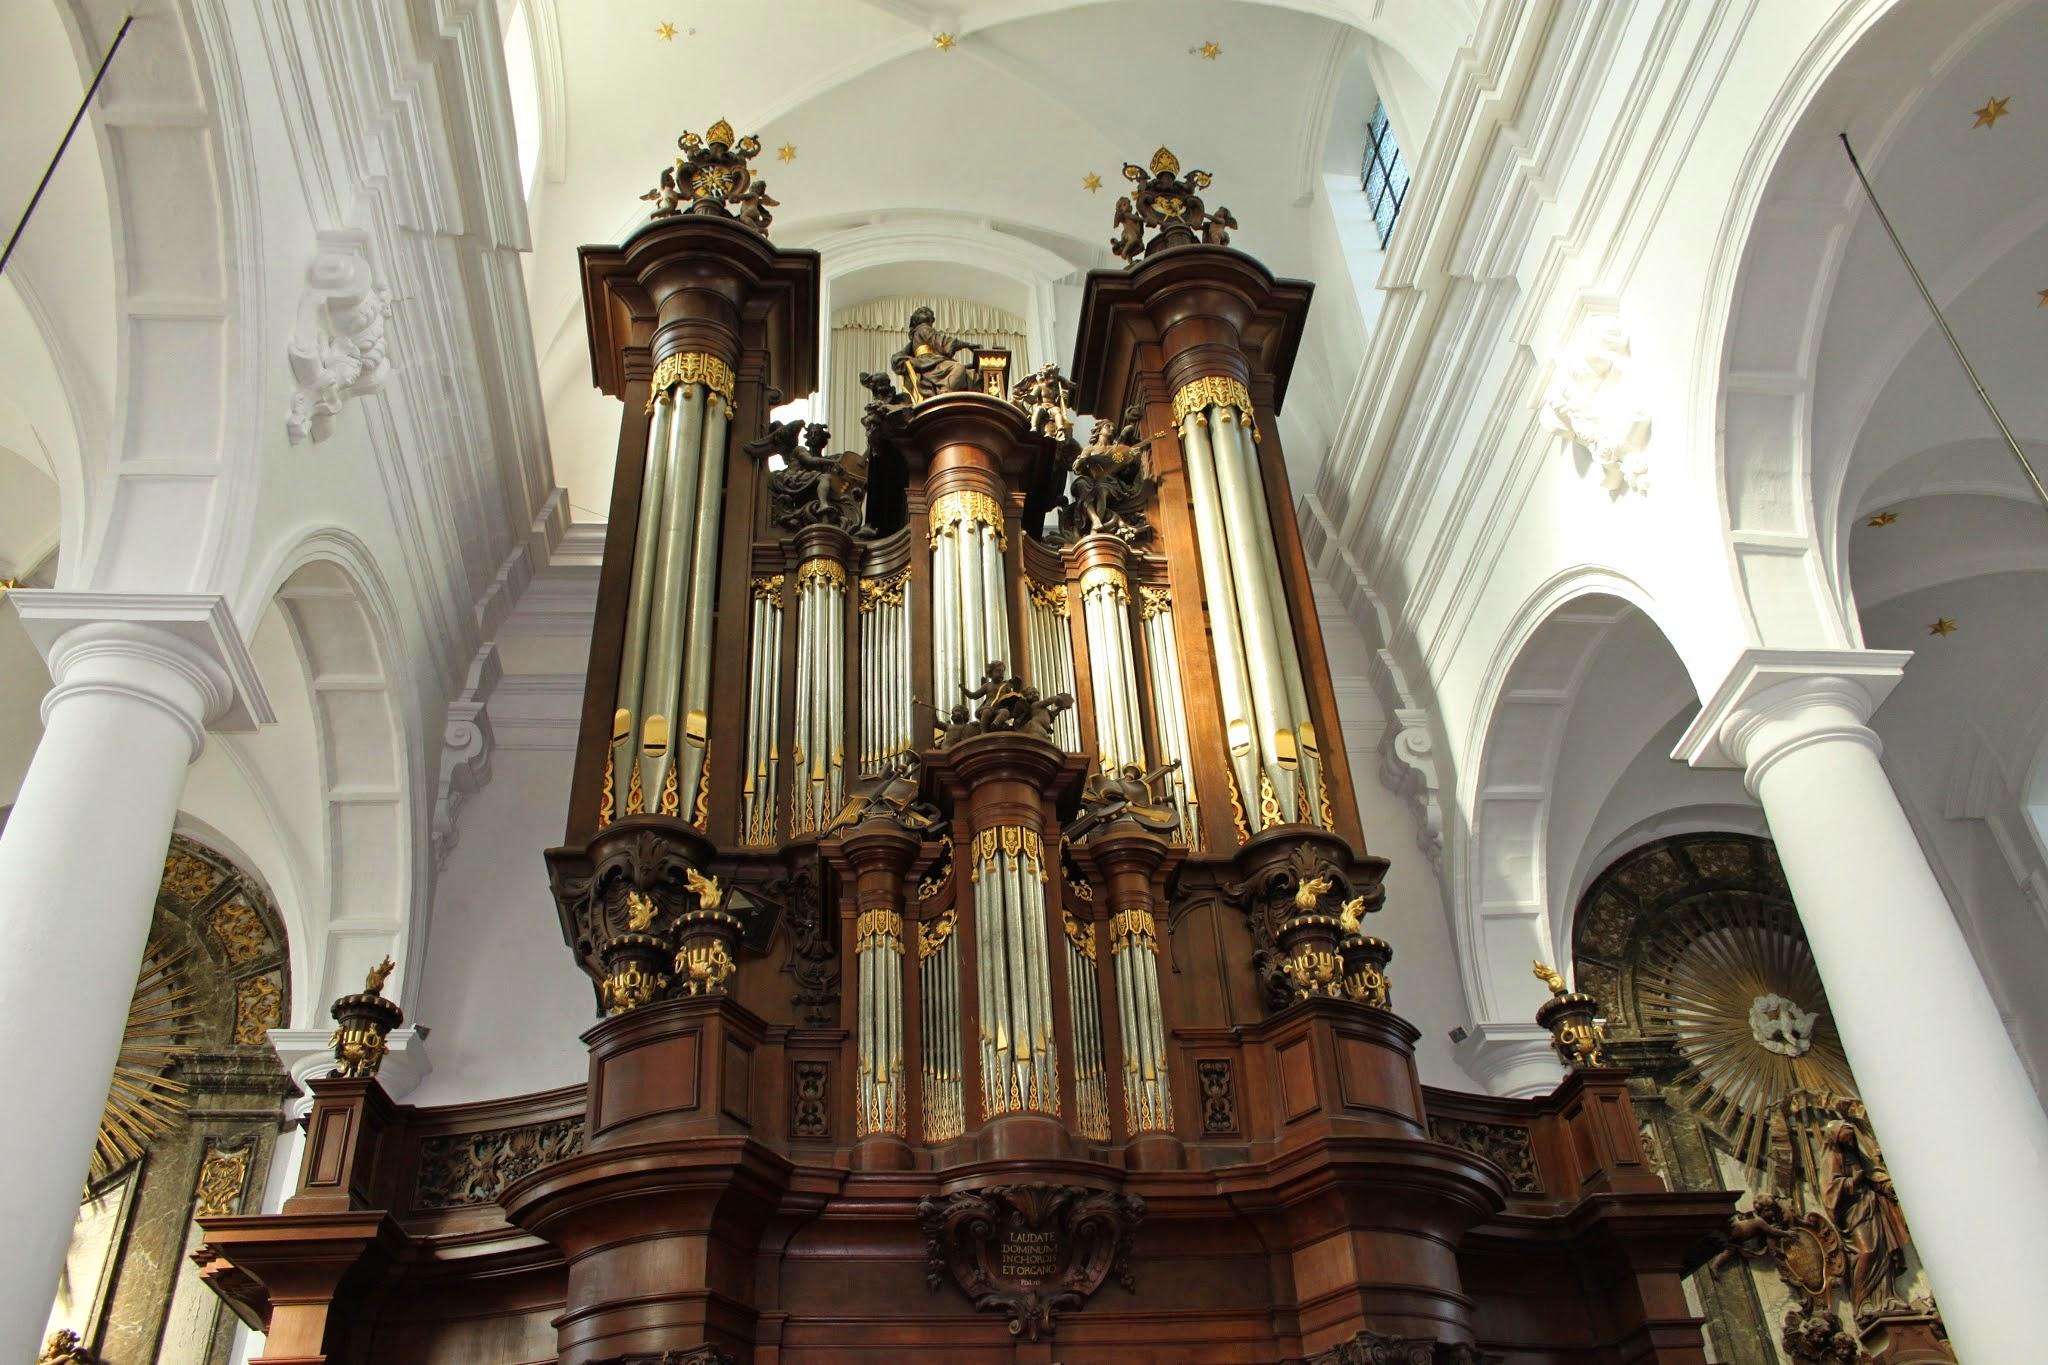 Photo: Het orgel werd in 1728 vervaardigd door de beroemde orgelbouwer Jean-Batiste Forceville.